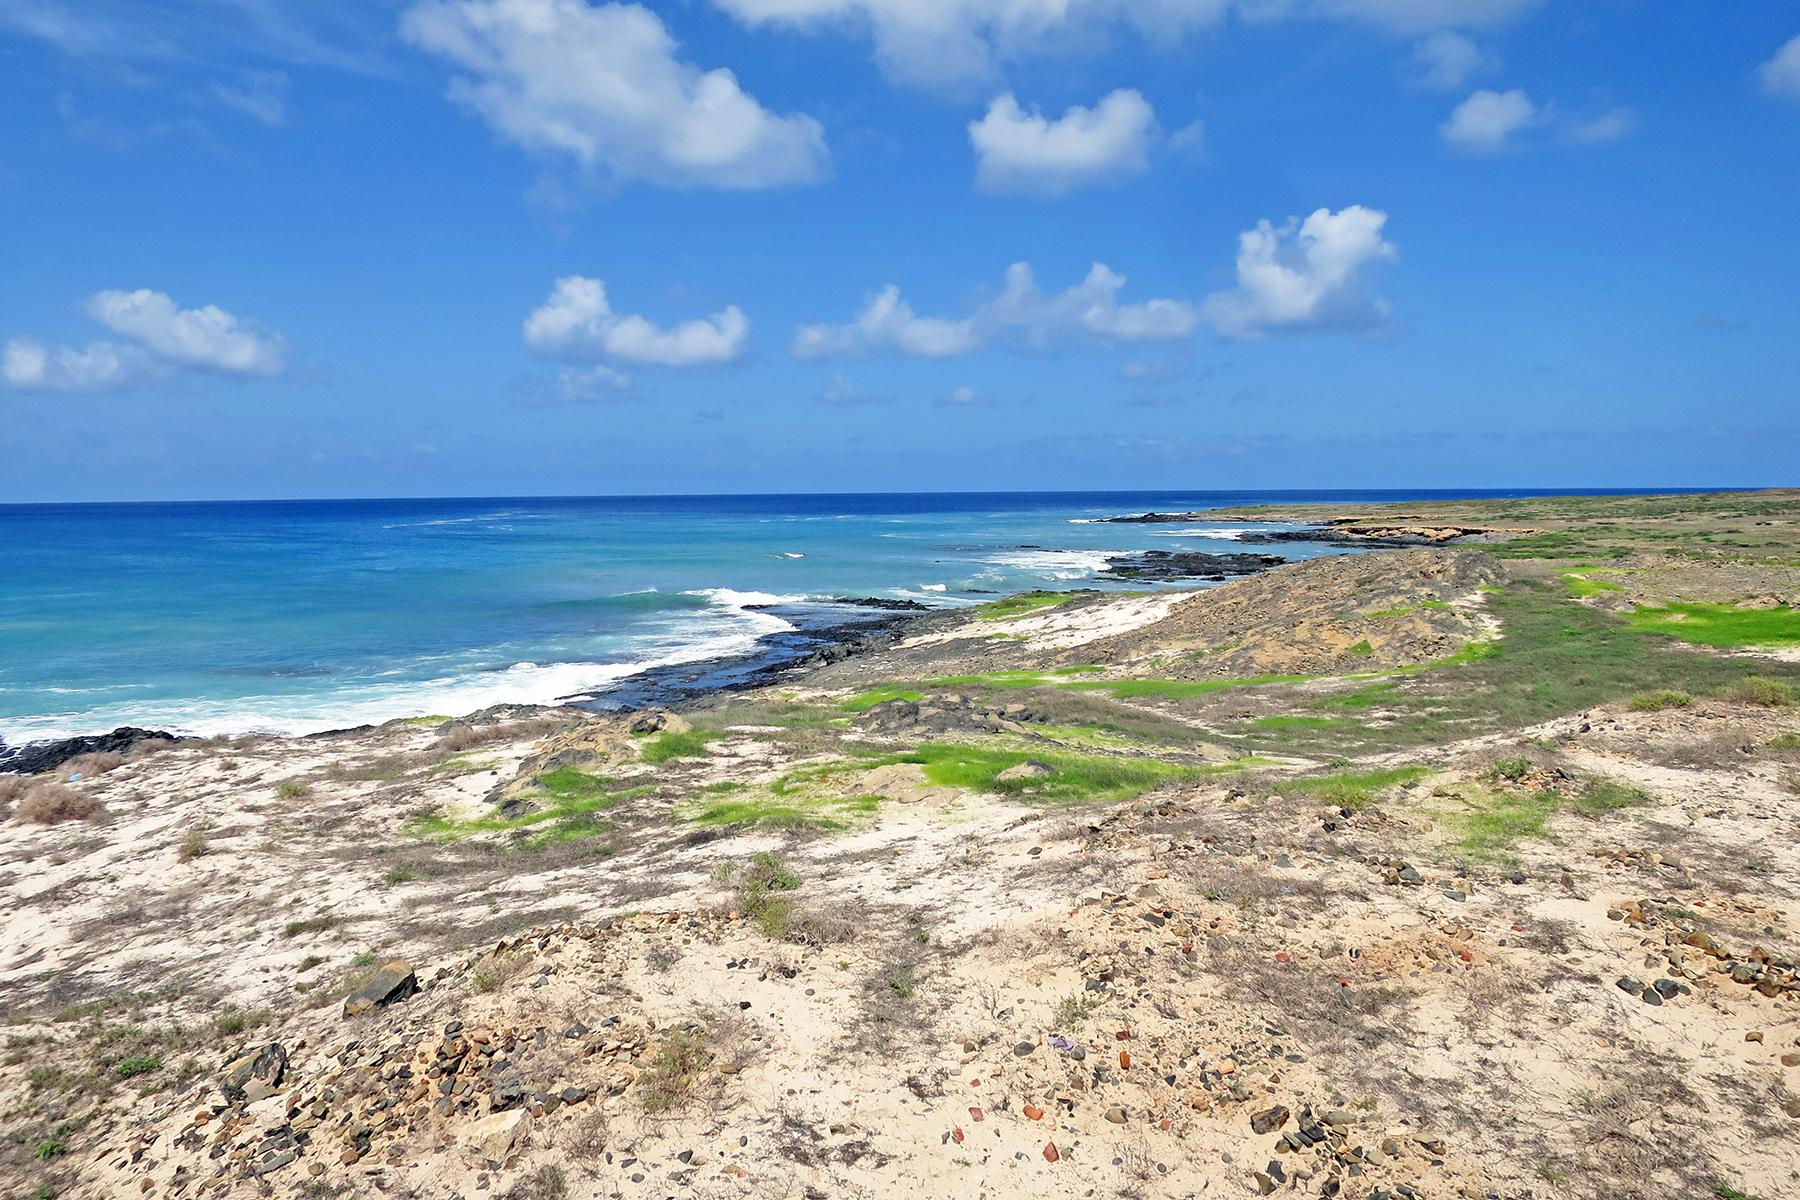 Beach-Guide Kapverden: Die 30 schönsten Strände auf den Kapverden